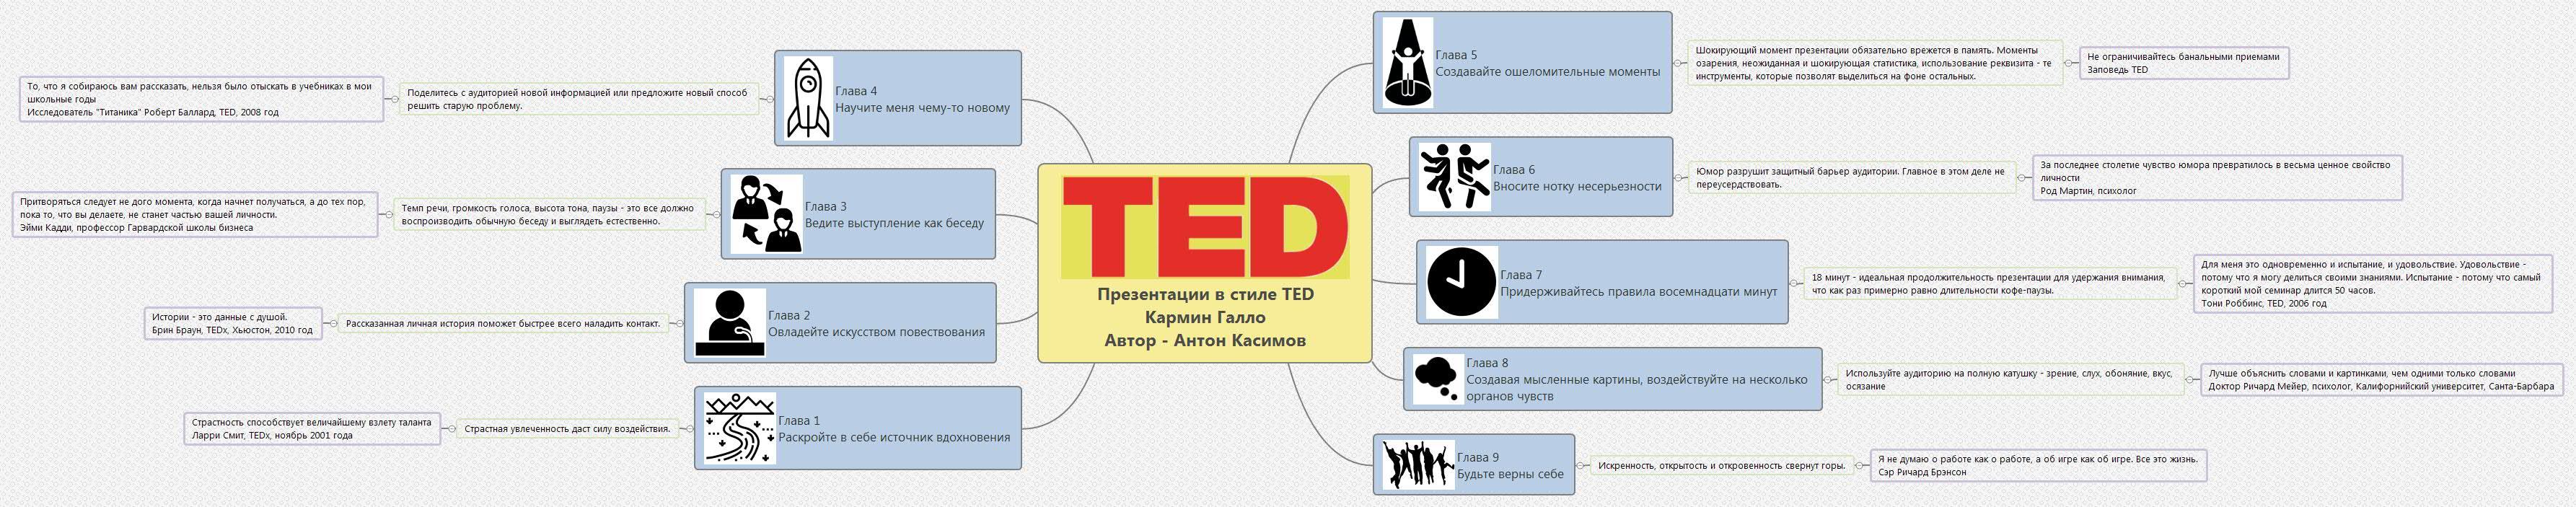 Презентации в стиле TED Кармин Галло Автор - Антон Касимов.jpg